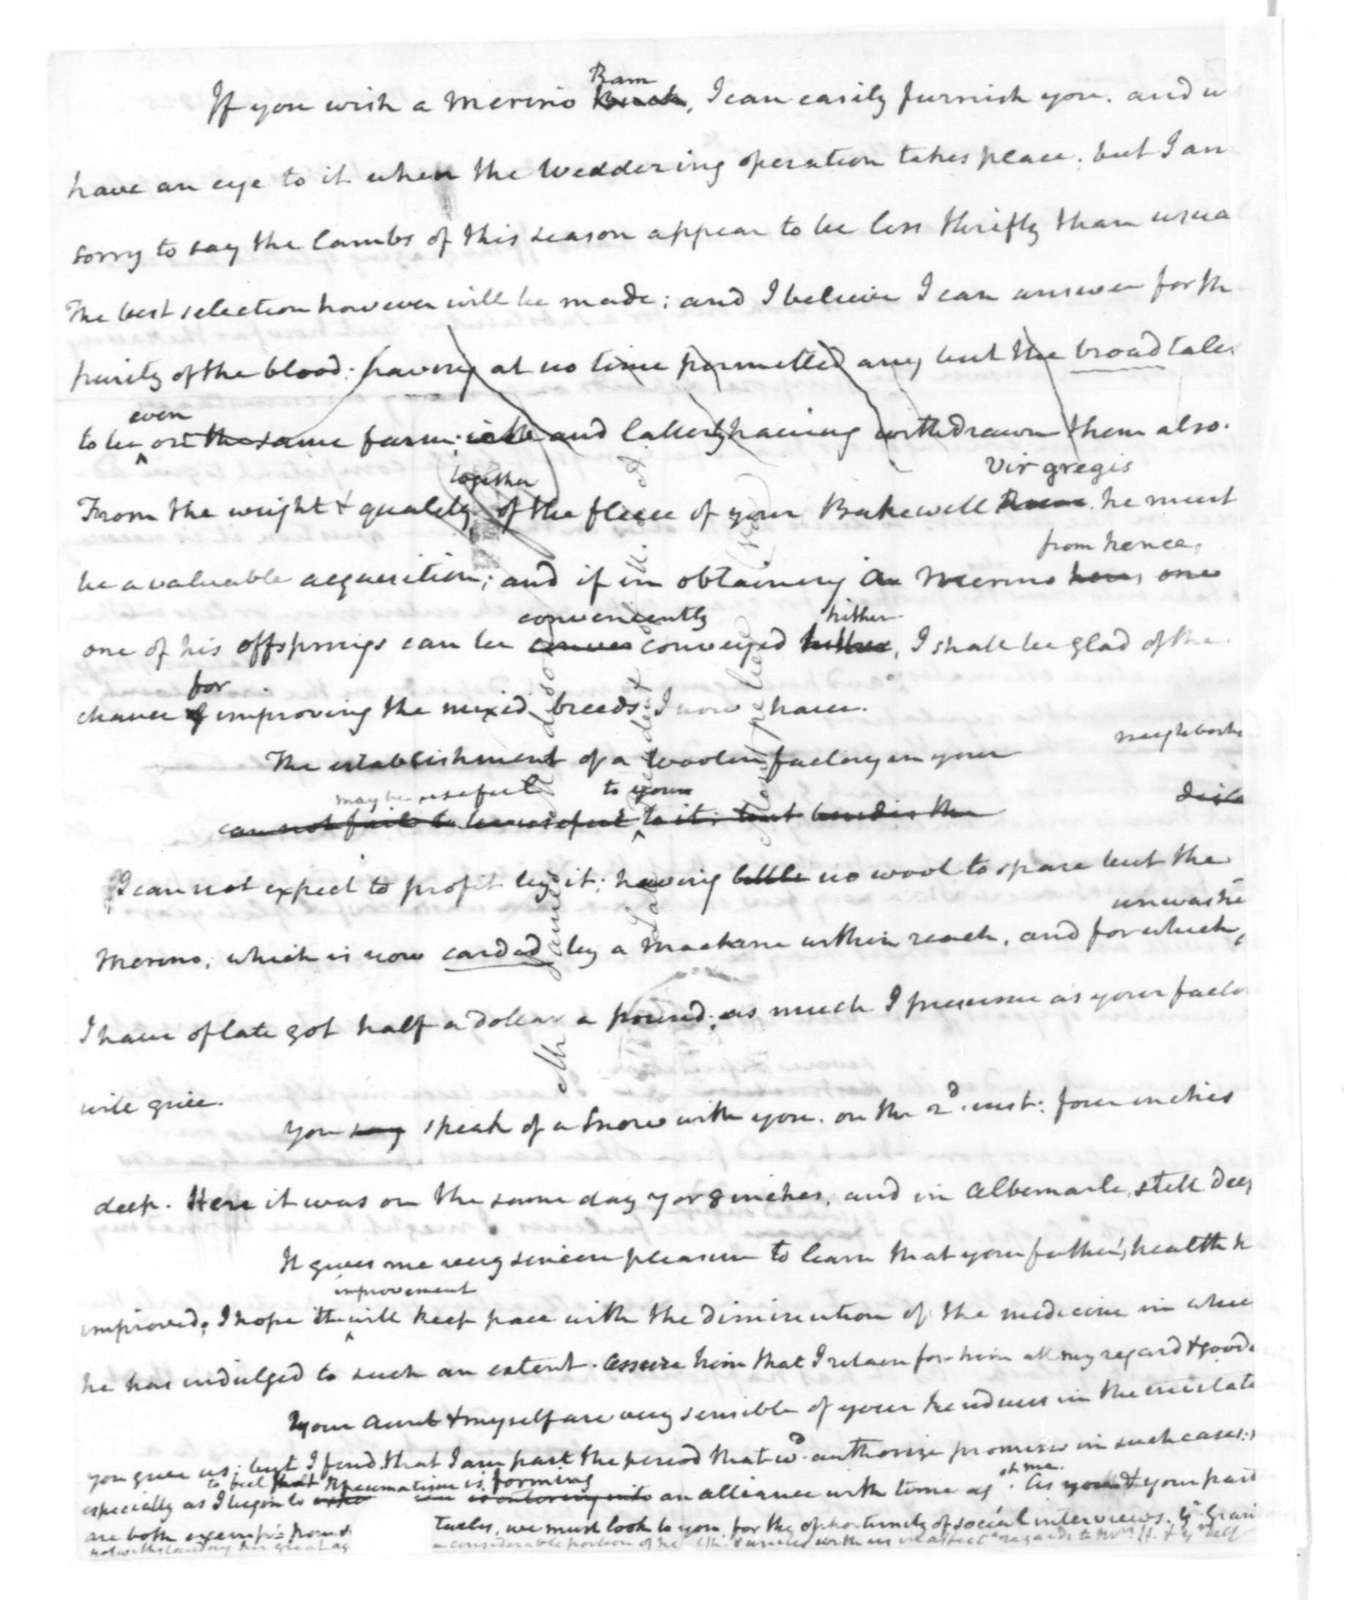 James Madison to I. M. Hite, April 23, 1825.